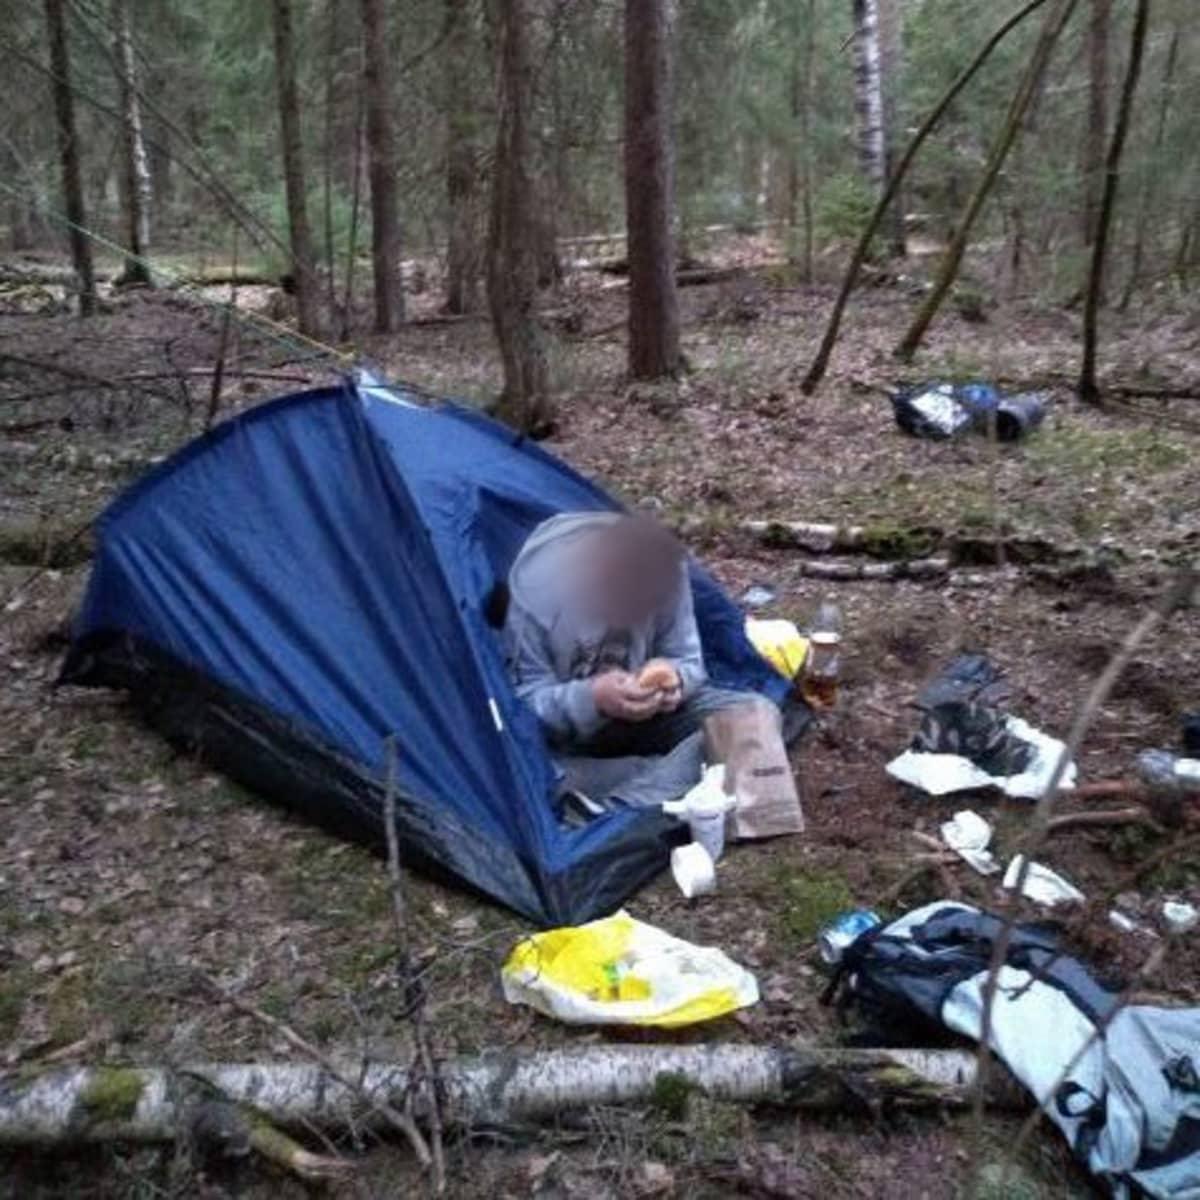 Kuvassa on teltta metsässä. Puoliksi teltasta ulkona istuu mies. Rinkka ja muita tavaroita on levitelty teltan ympärille. Miehen kasvot on sumennettu anonymiteetin varmistamiseksi.